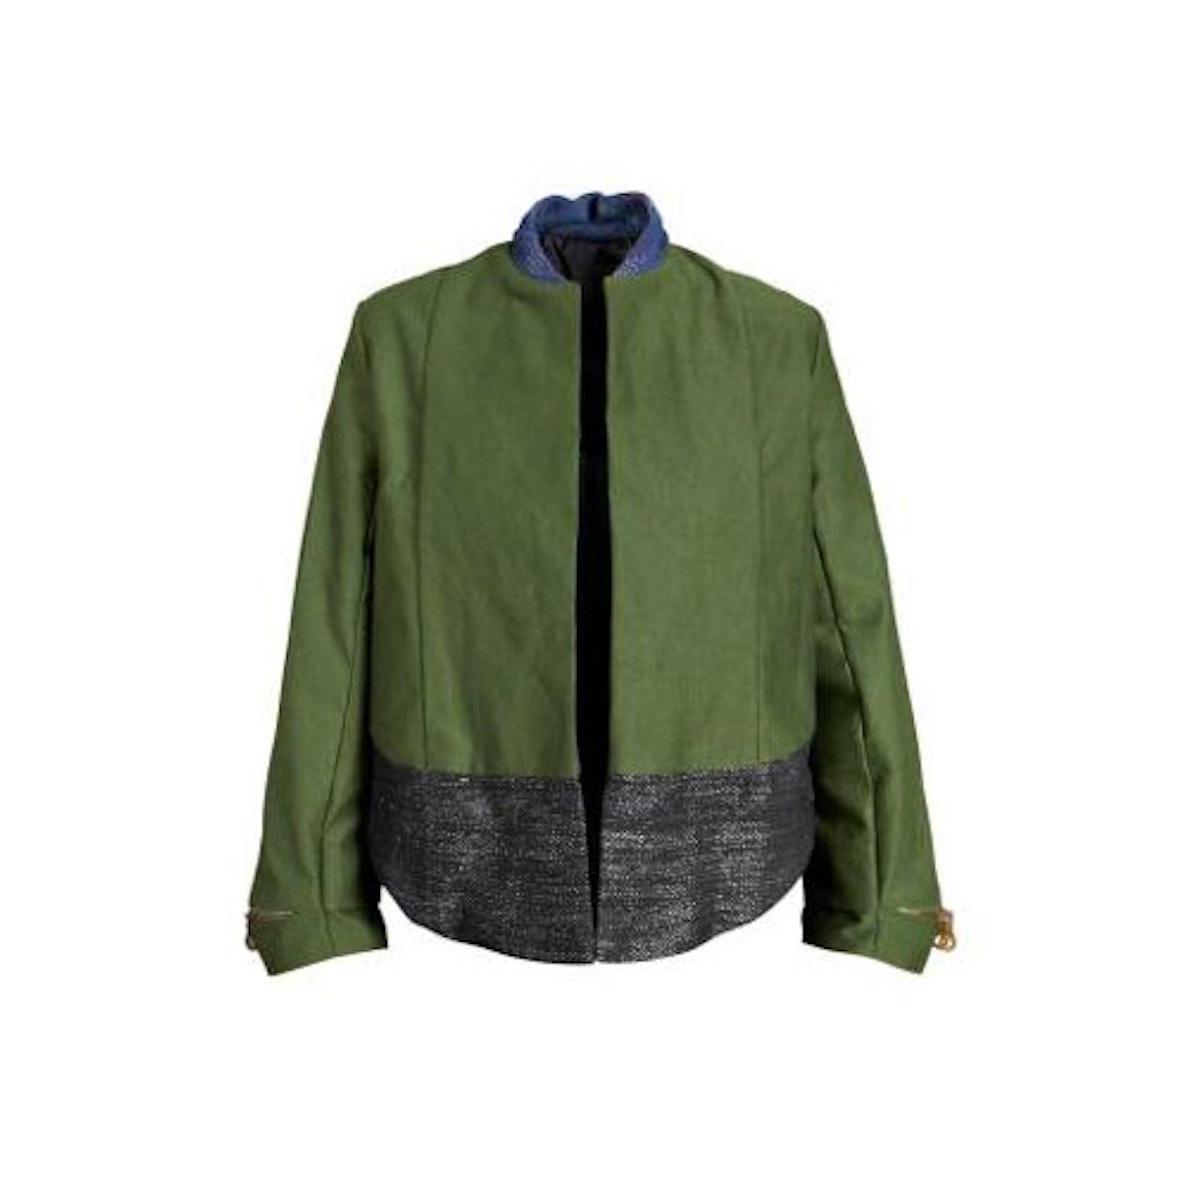 Juan Carlos Obando jacket